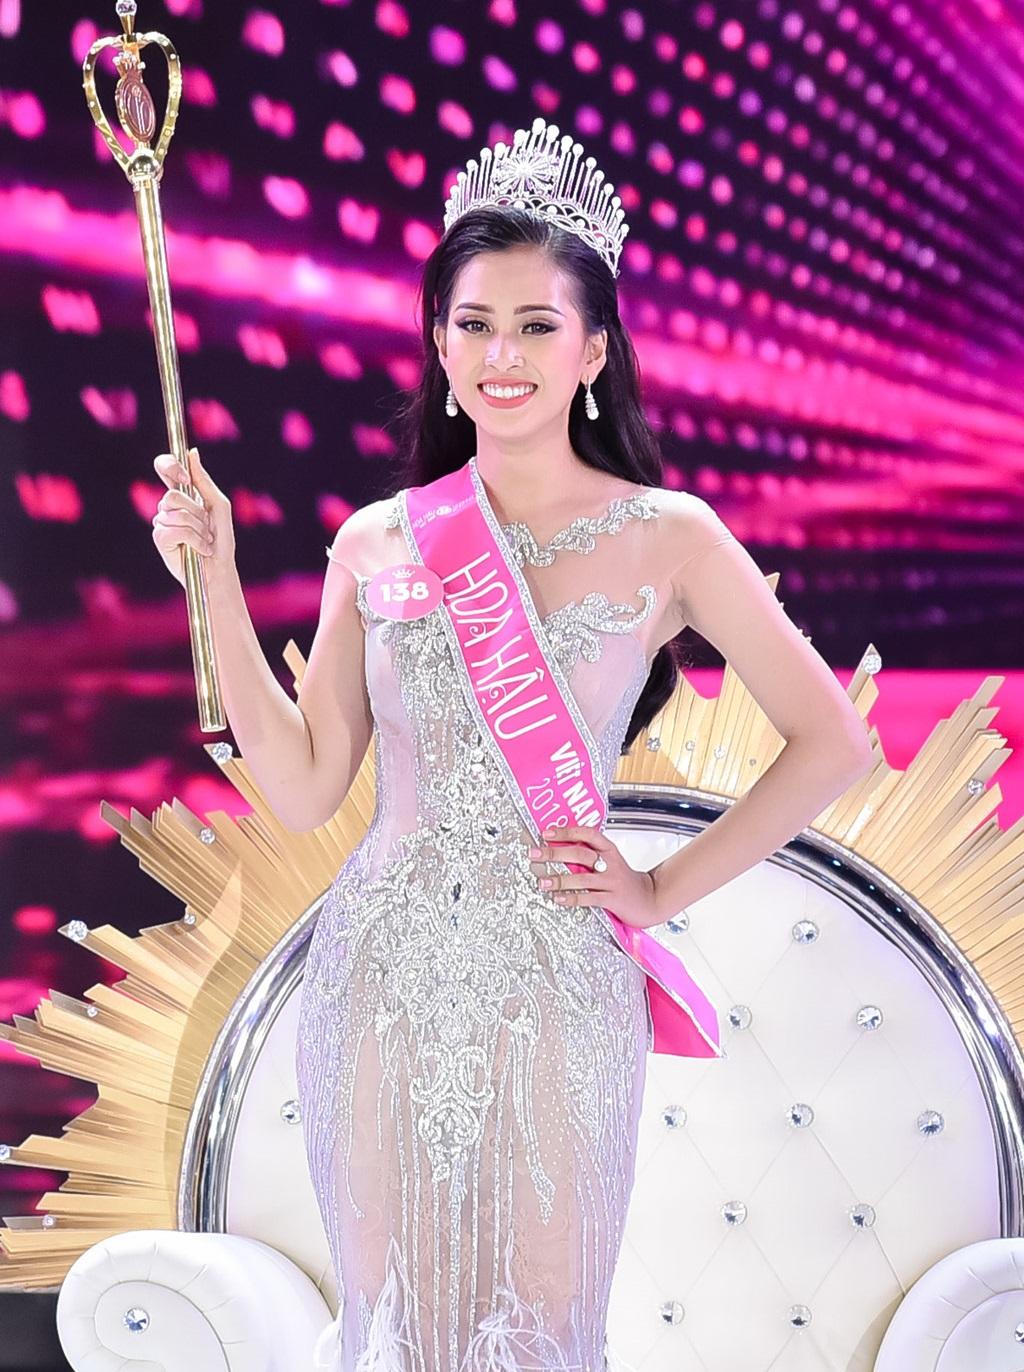 Bật cười với màn trả lời phỏng vấn ngô nghê, ấp úng như chưa thuộc bài của tân Hoa hậu sau khi đăng quang - Ảnh 1